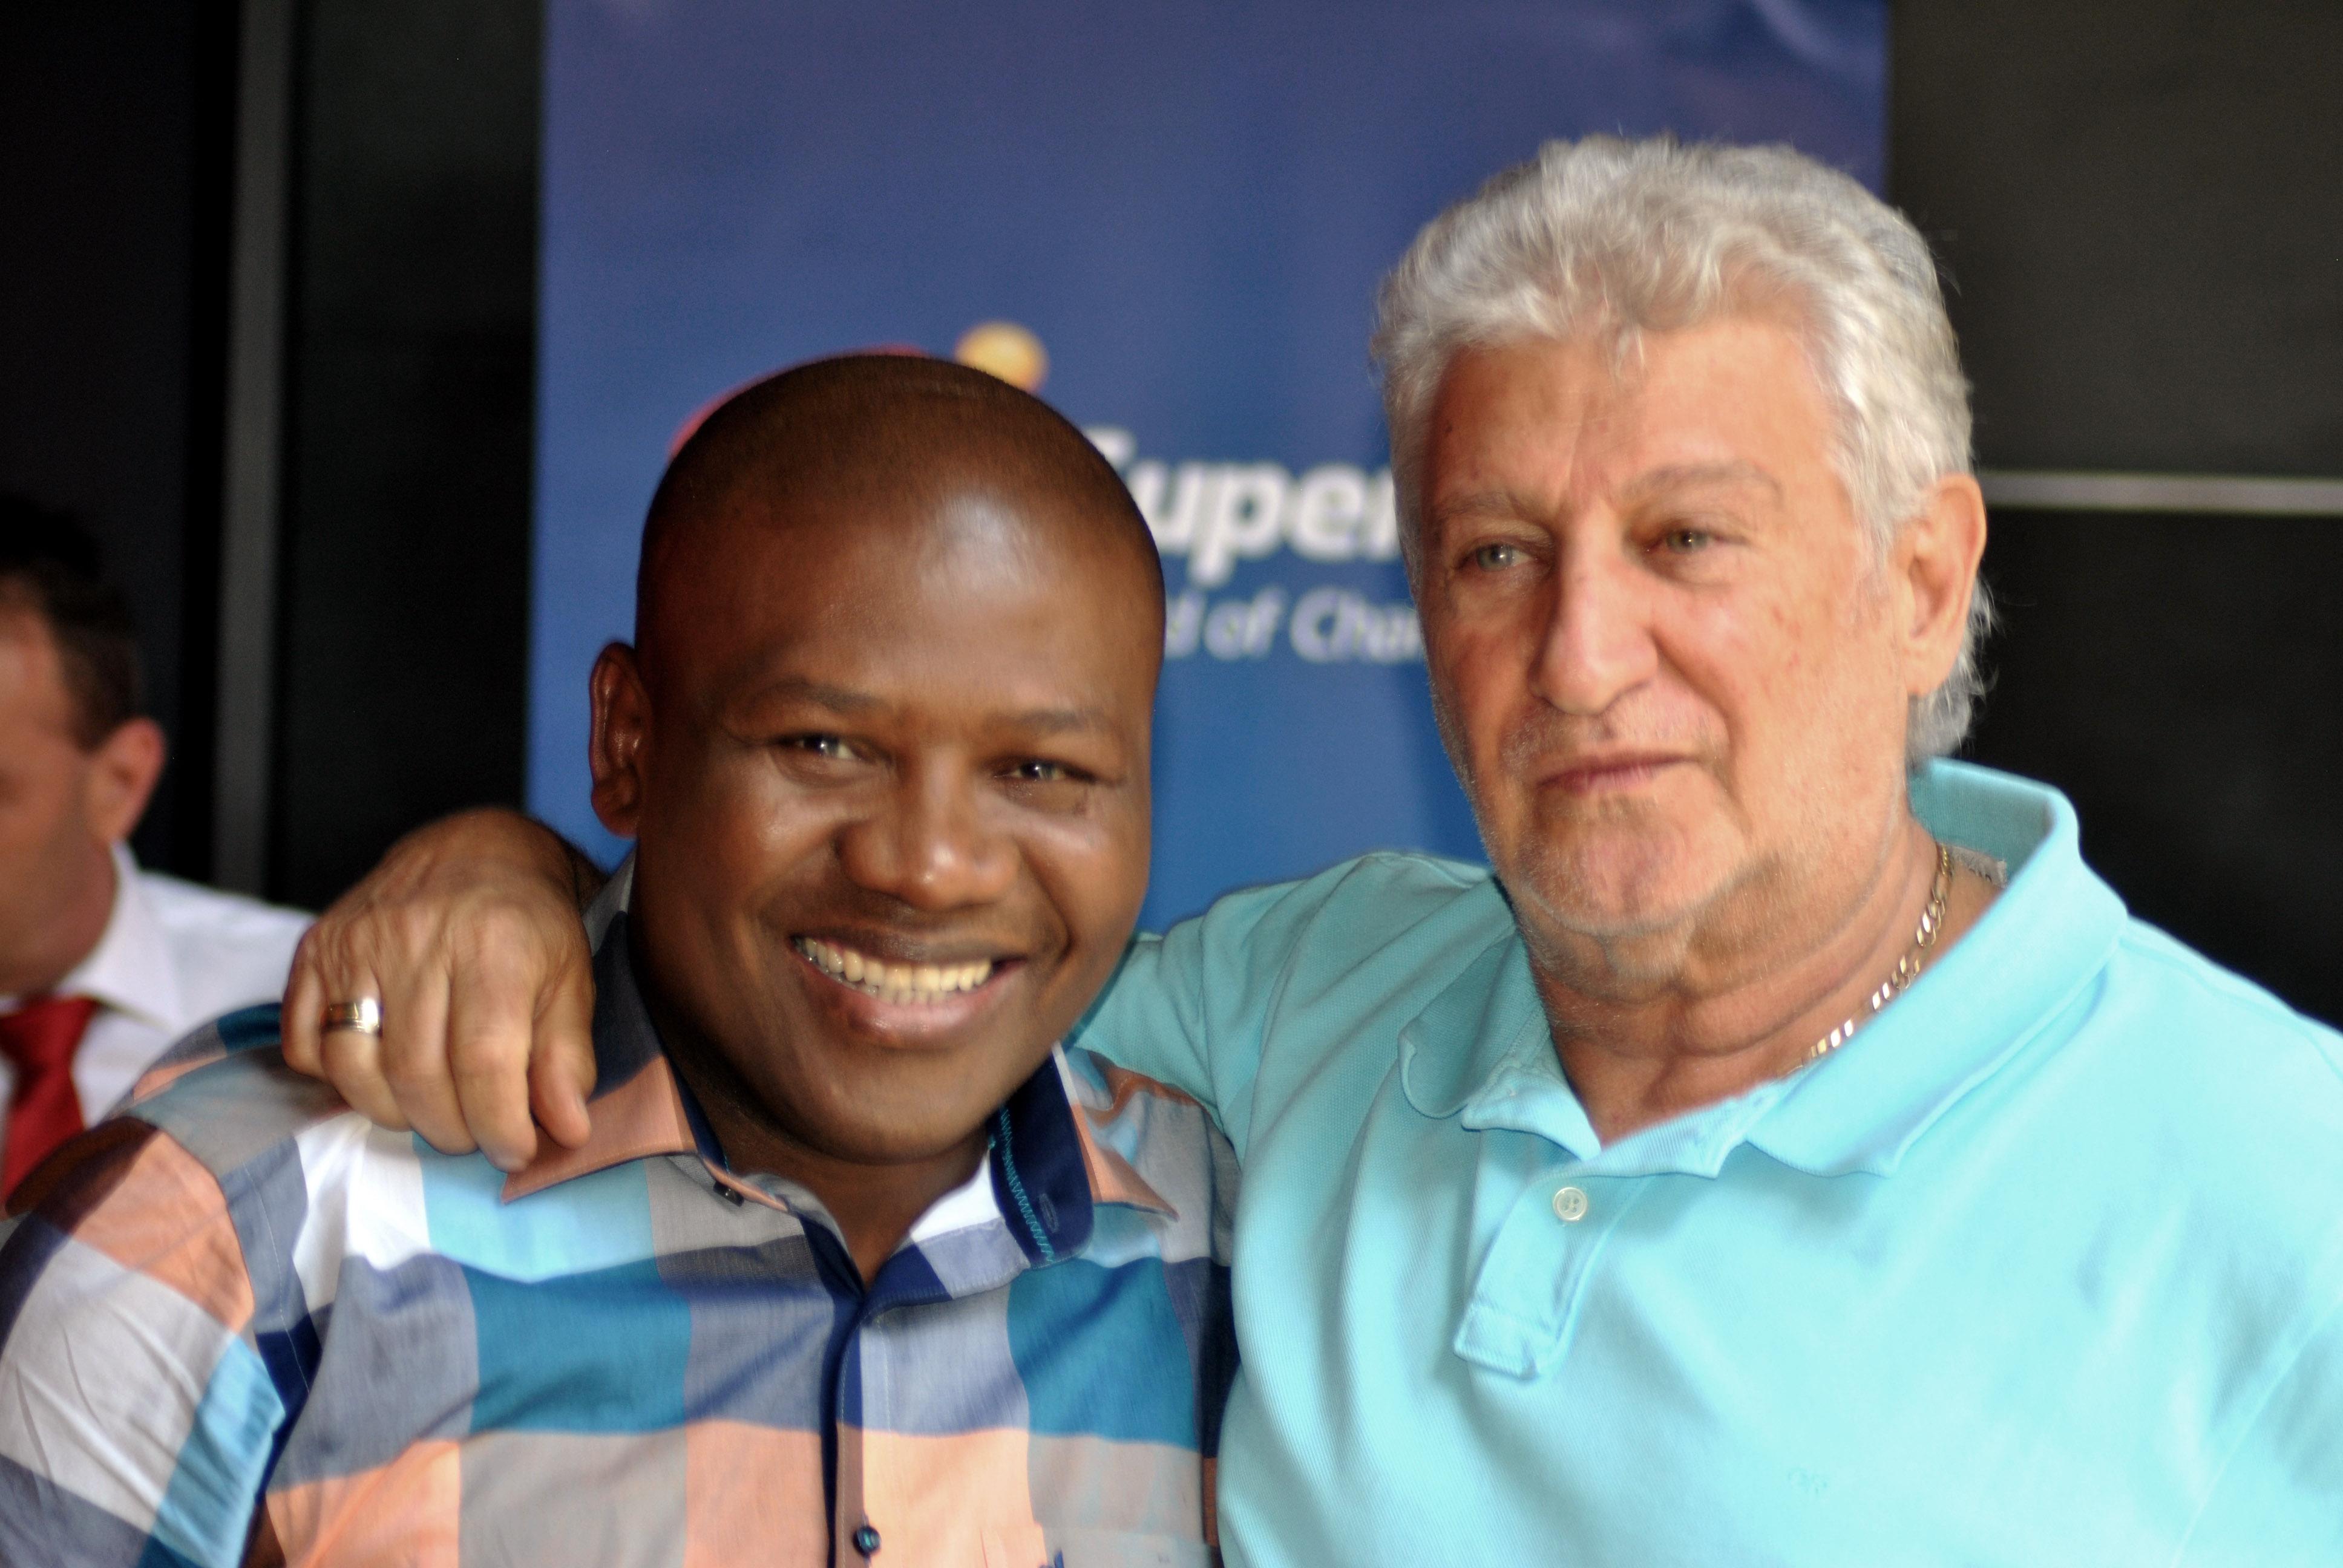 Vuyani Bungu and Golden Gloves Promotions CEO Rodney Berman